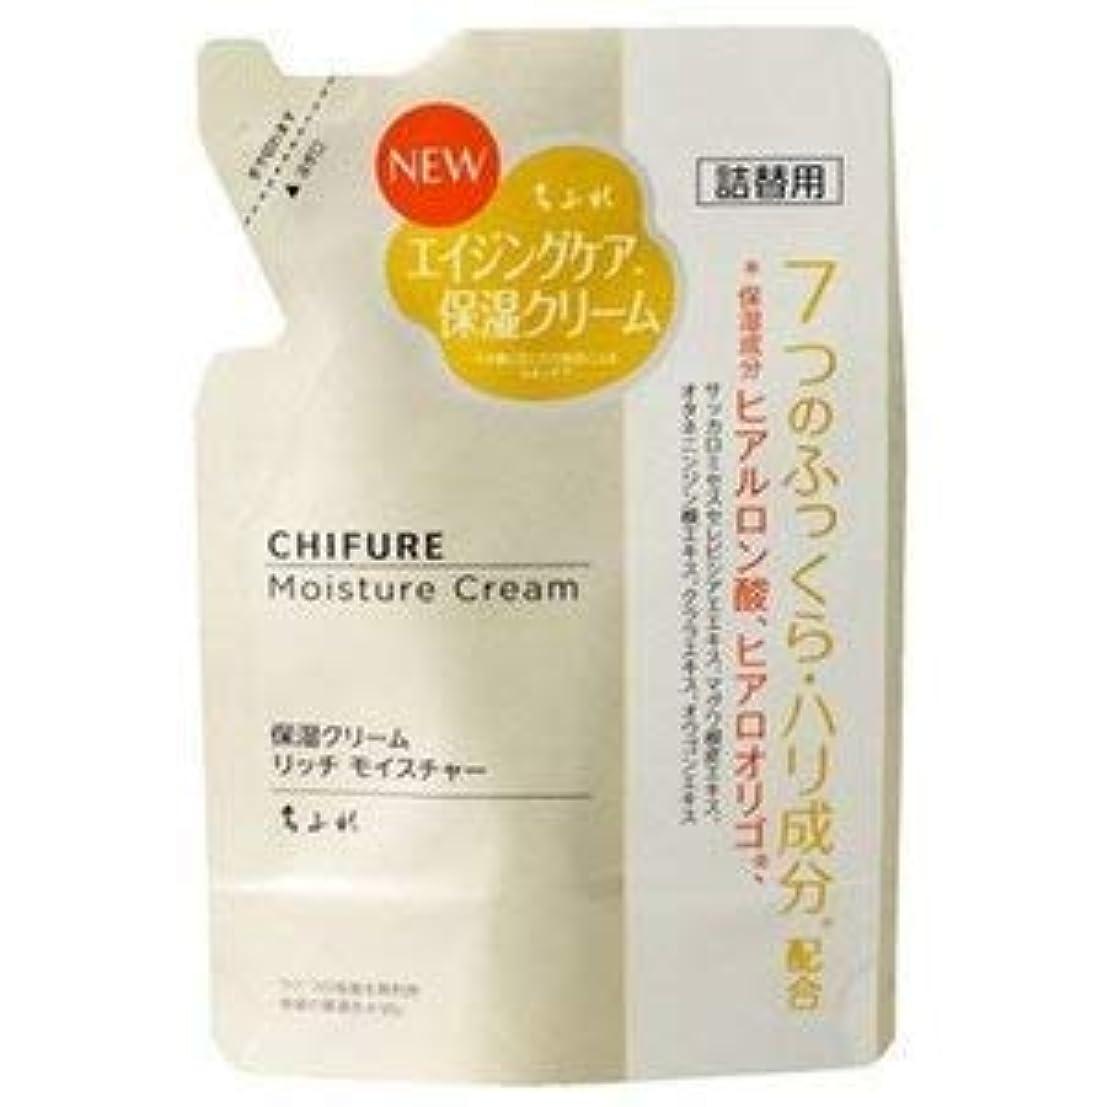 価値熟読タヒチちふれ化粧品 保湿クリーム リッチモイスチャータイプ 54g (詰替)